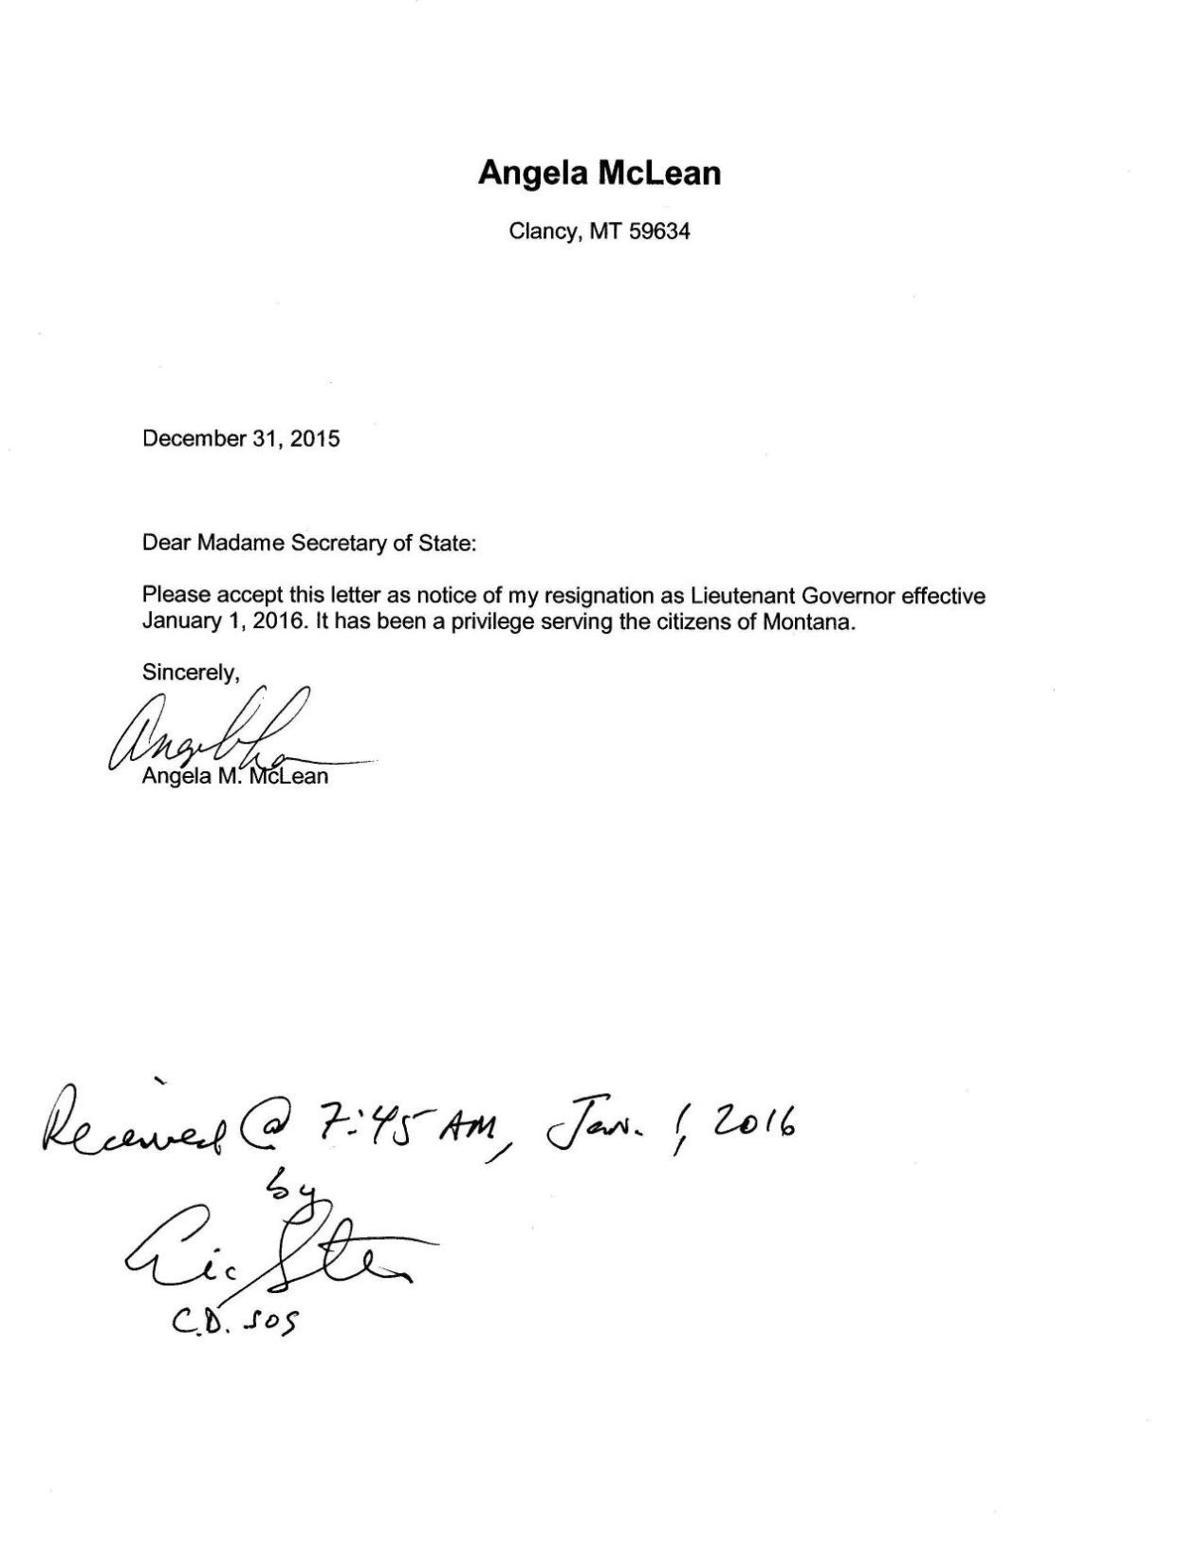 Mclean Resignation Letter